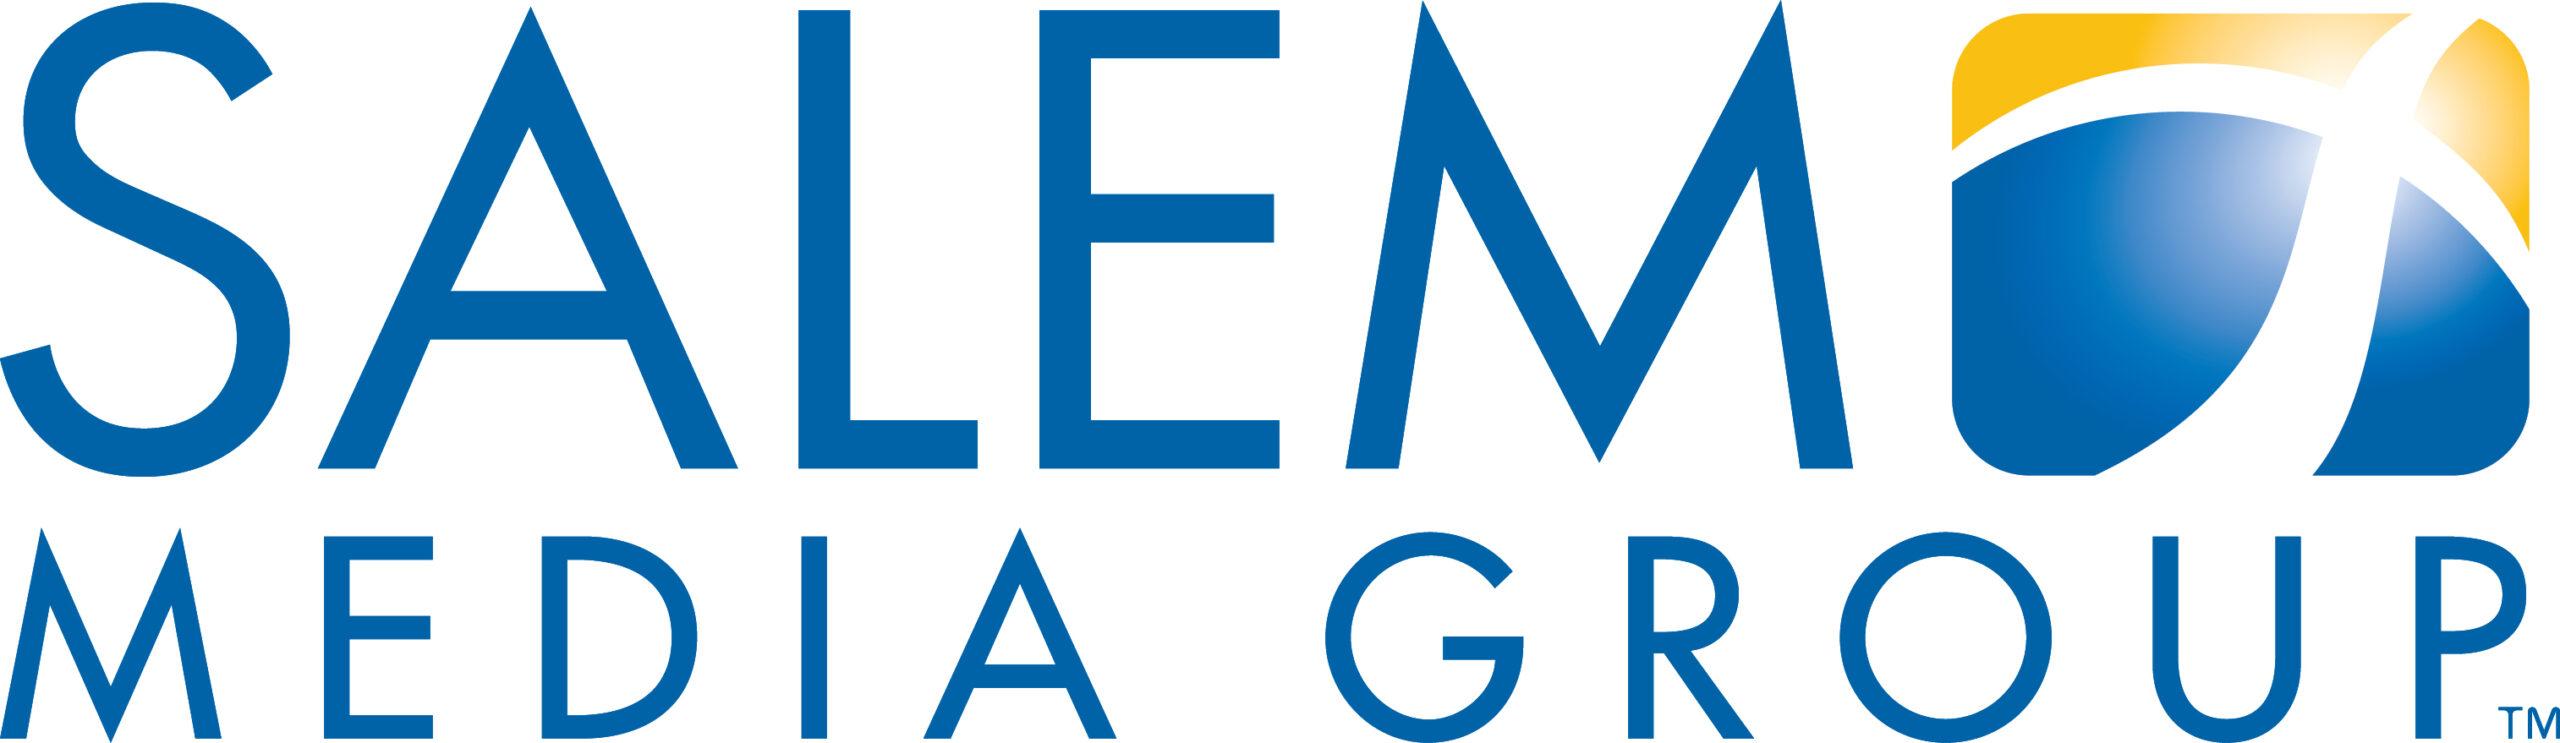 1001 Salem Media Group